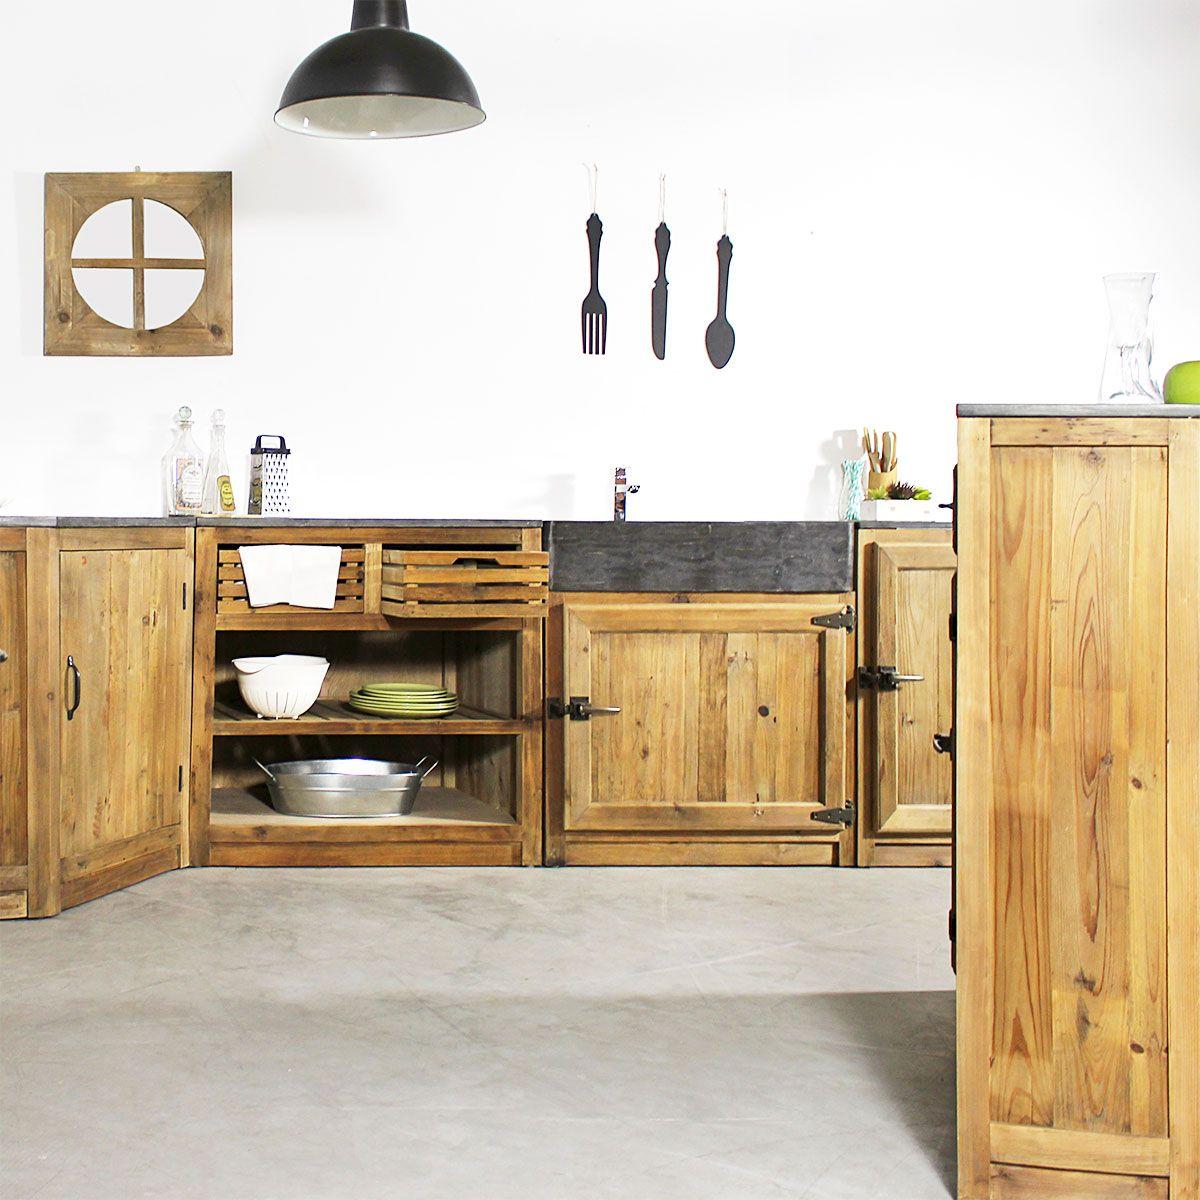 Meuble Cuisine Evier 2 Vasques Pierre Bleue Champetre Meuble Cuisine Mobilier De Salon Idee Rangement Cuisine